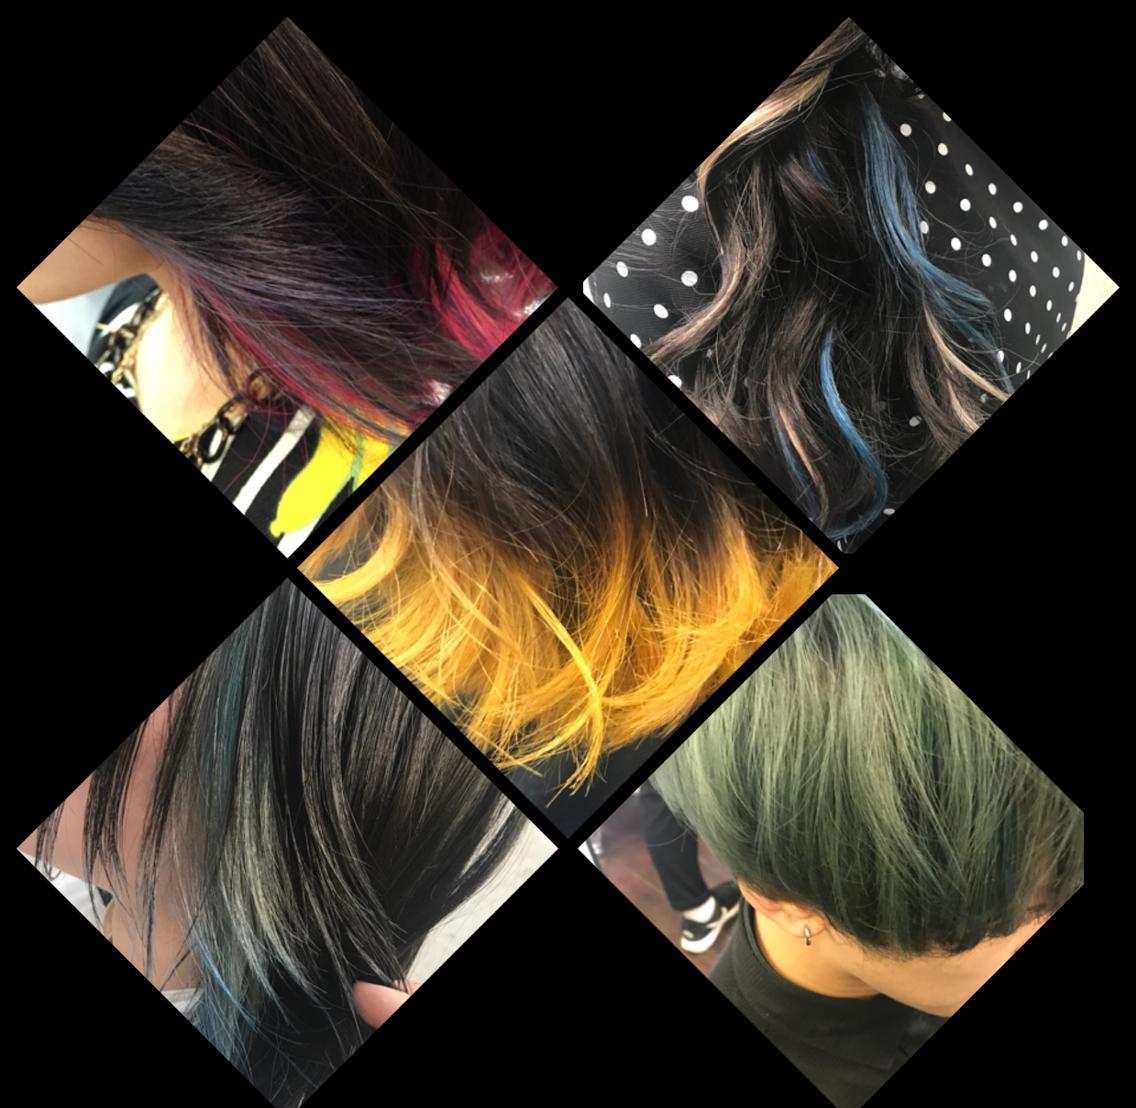 ⭕️2018注目ワード⭕️【モーヴ】【透明感】【ダーク】【暗髪】⭐︎派手髪→繊細なお色に時代は変わってます♪